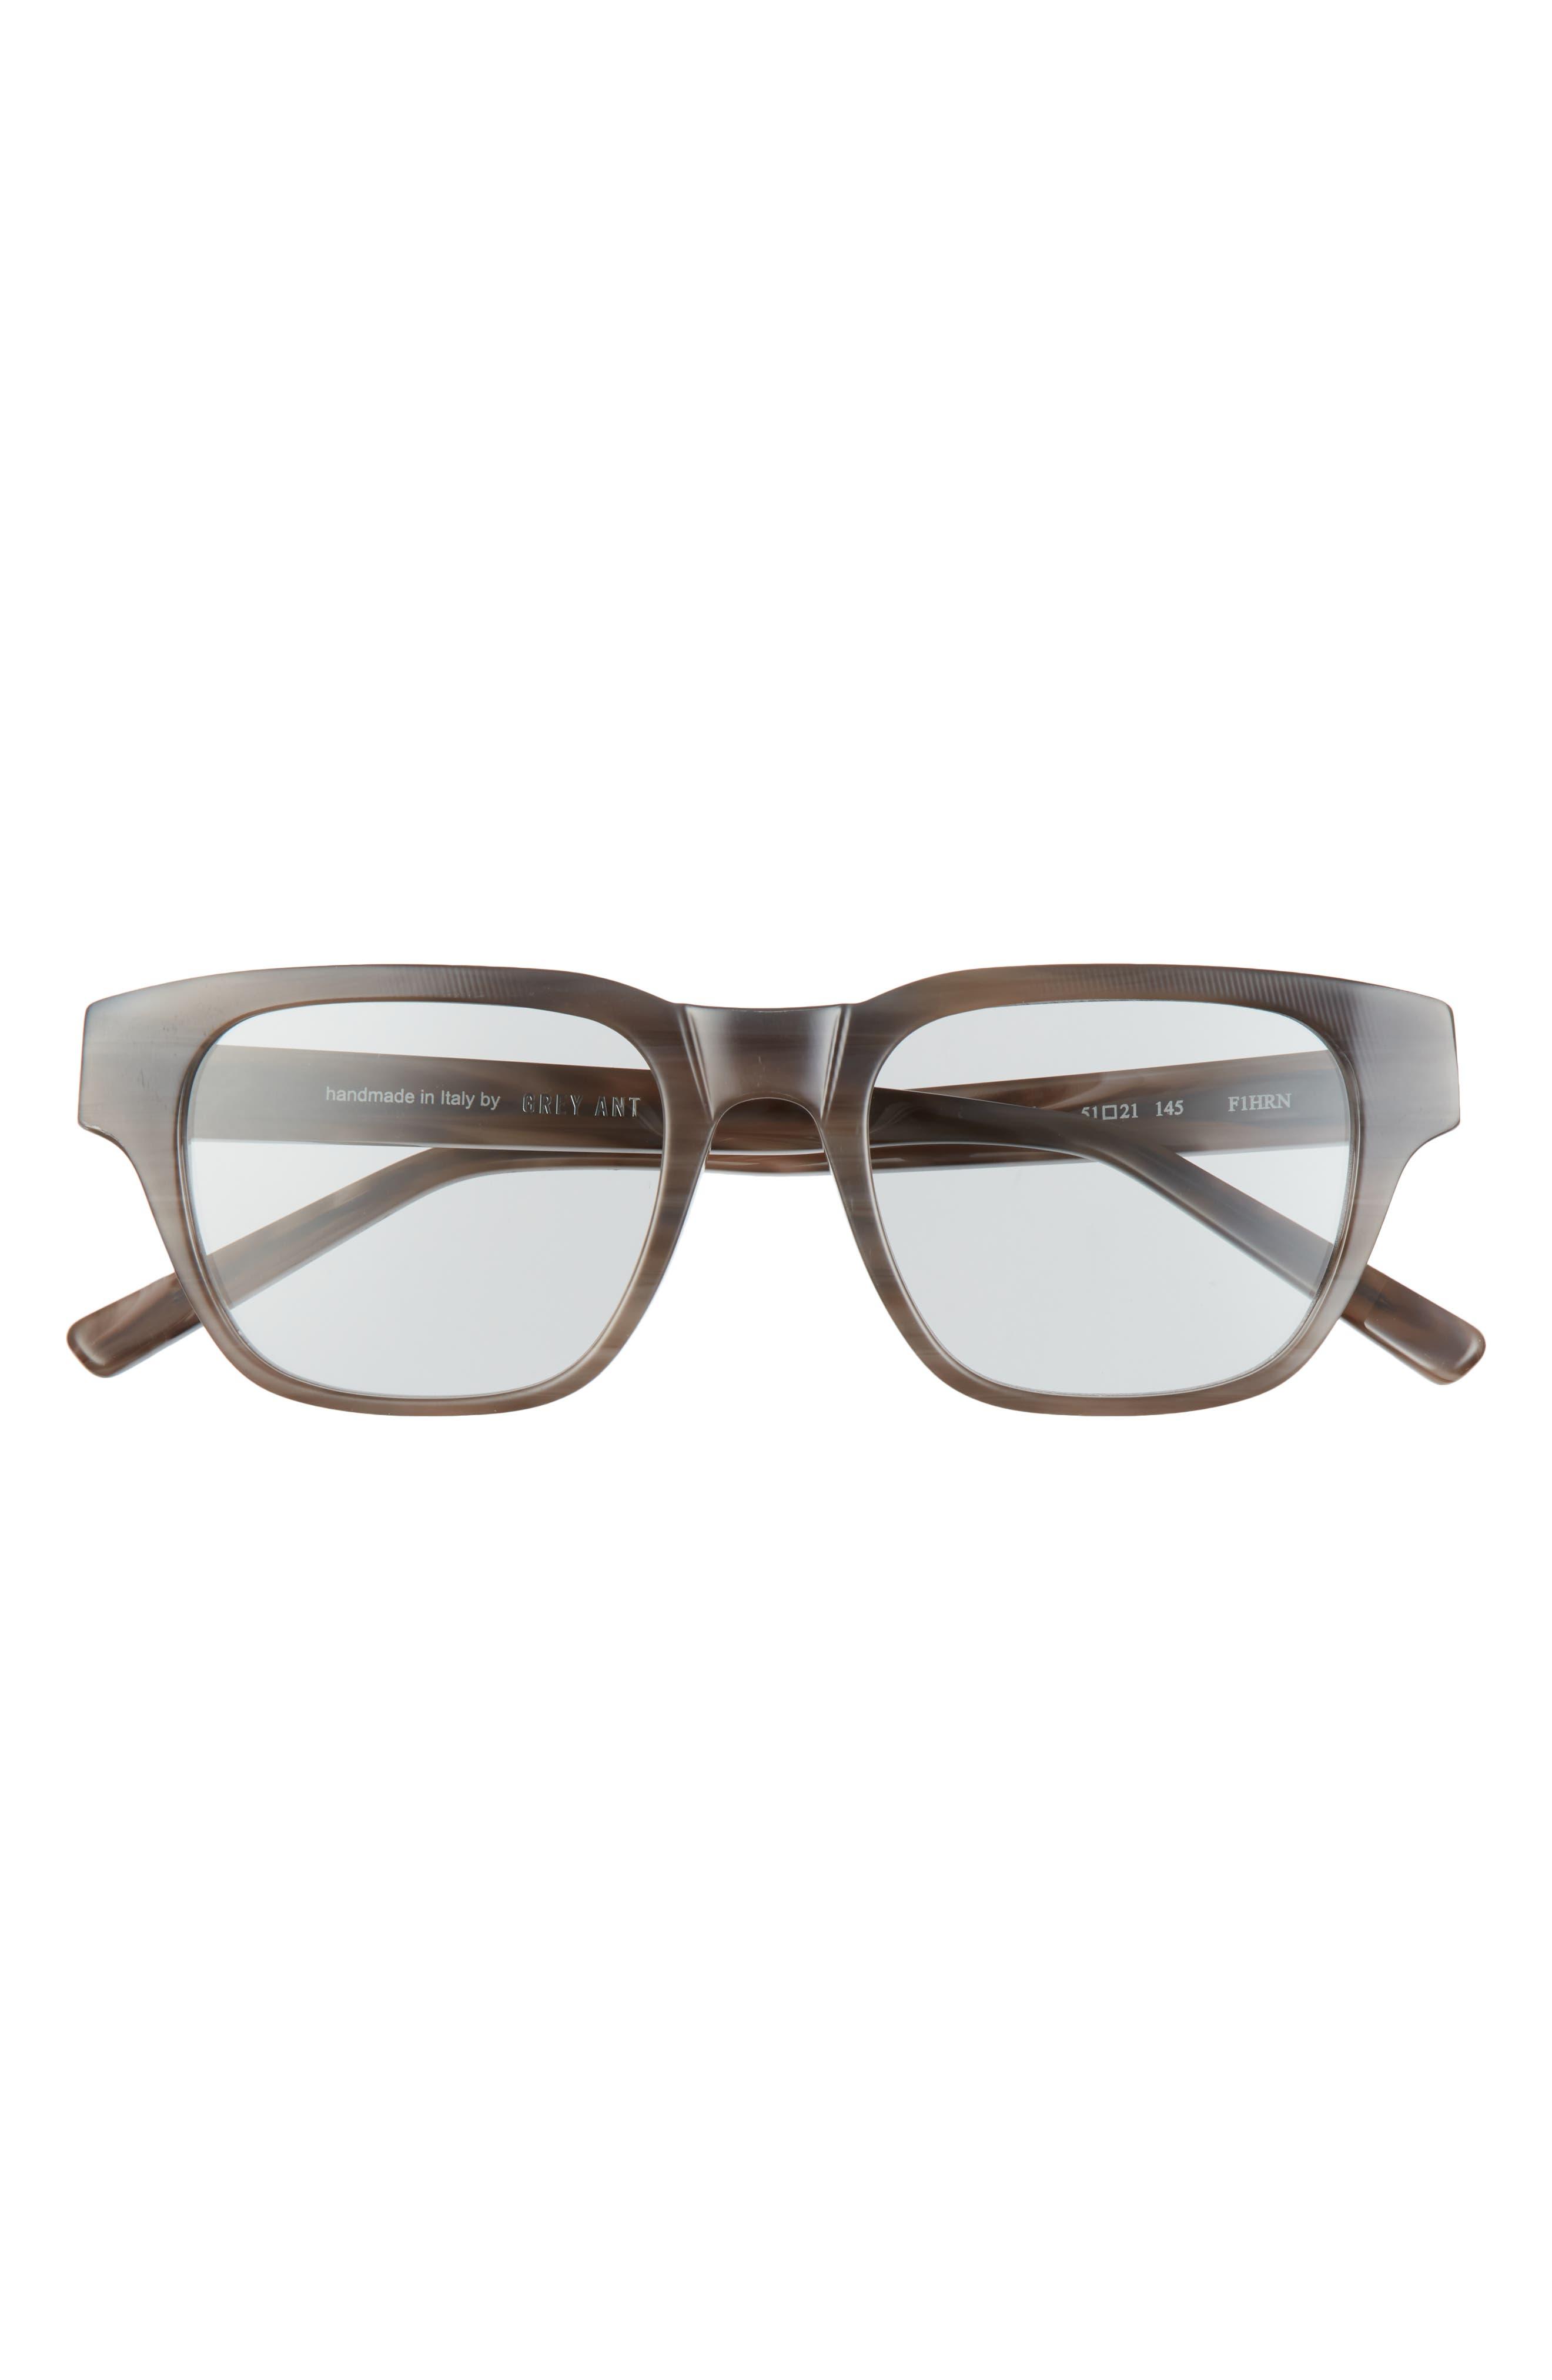 51mm Sunglasses